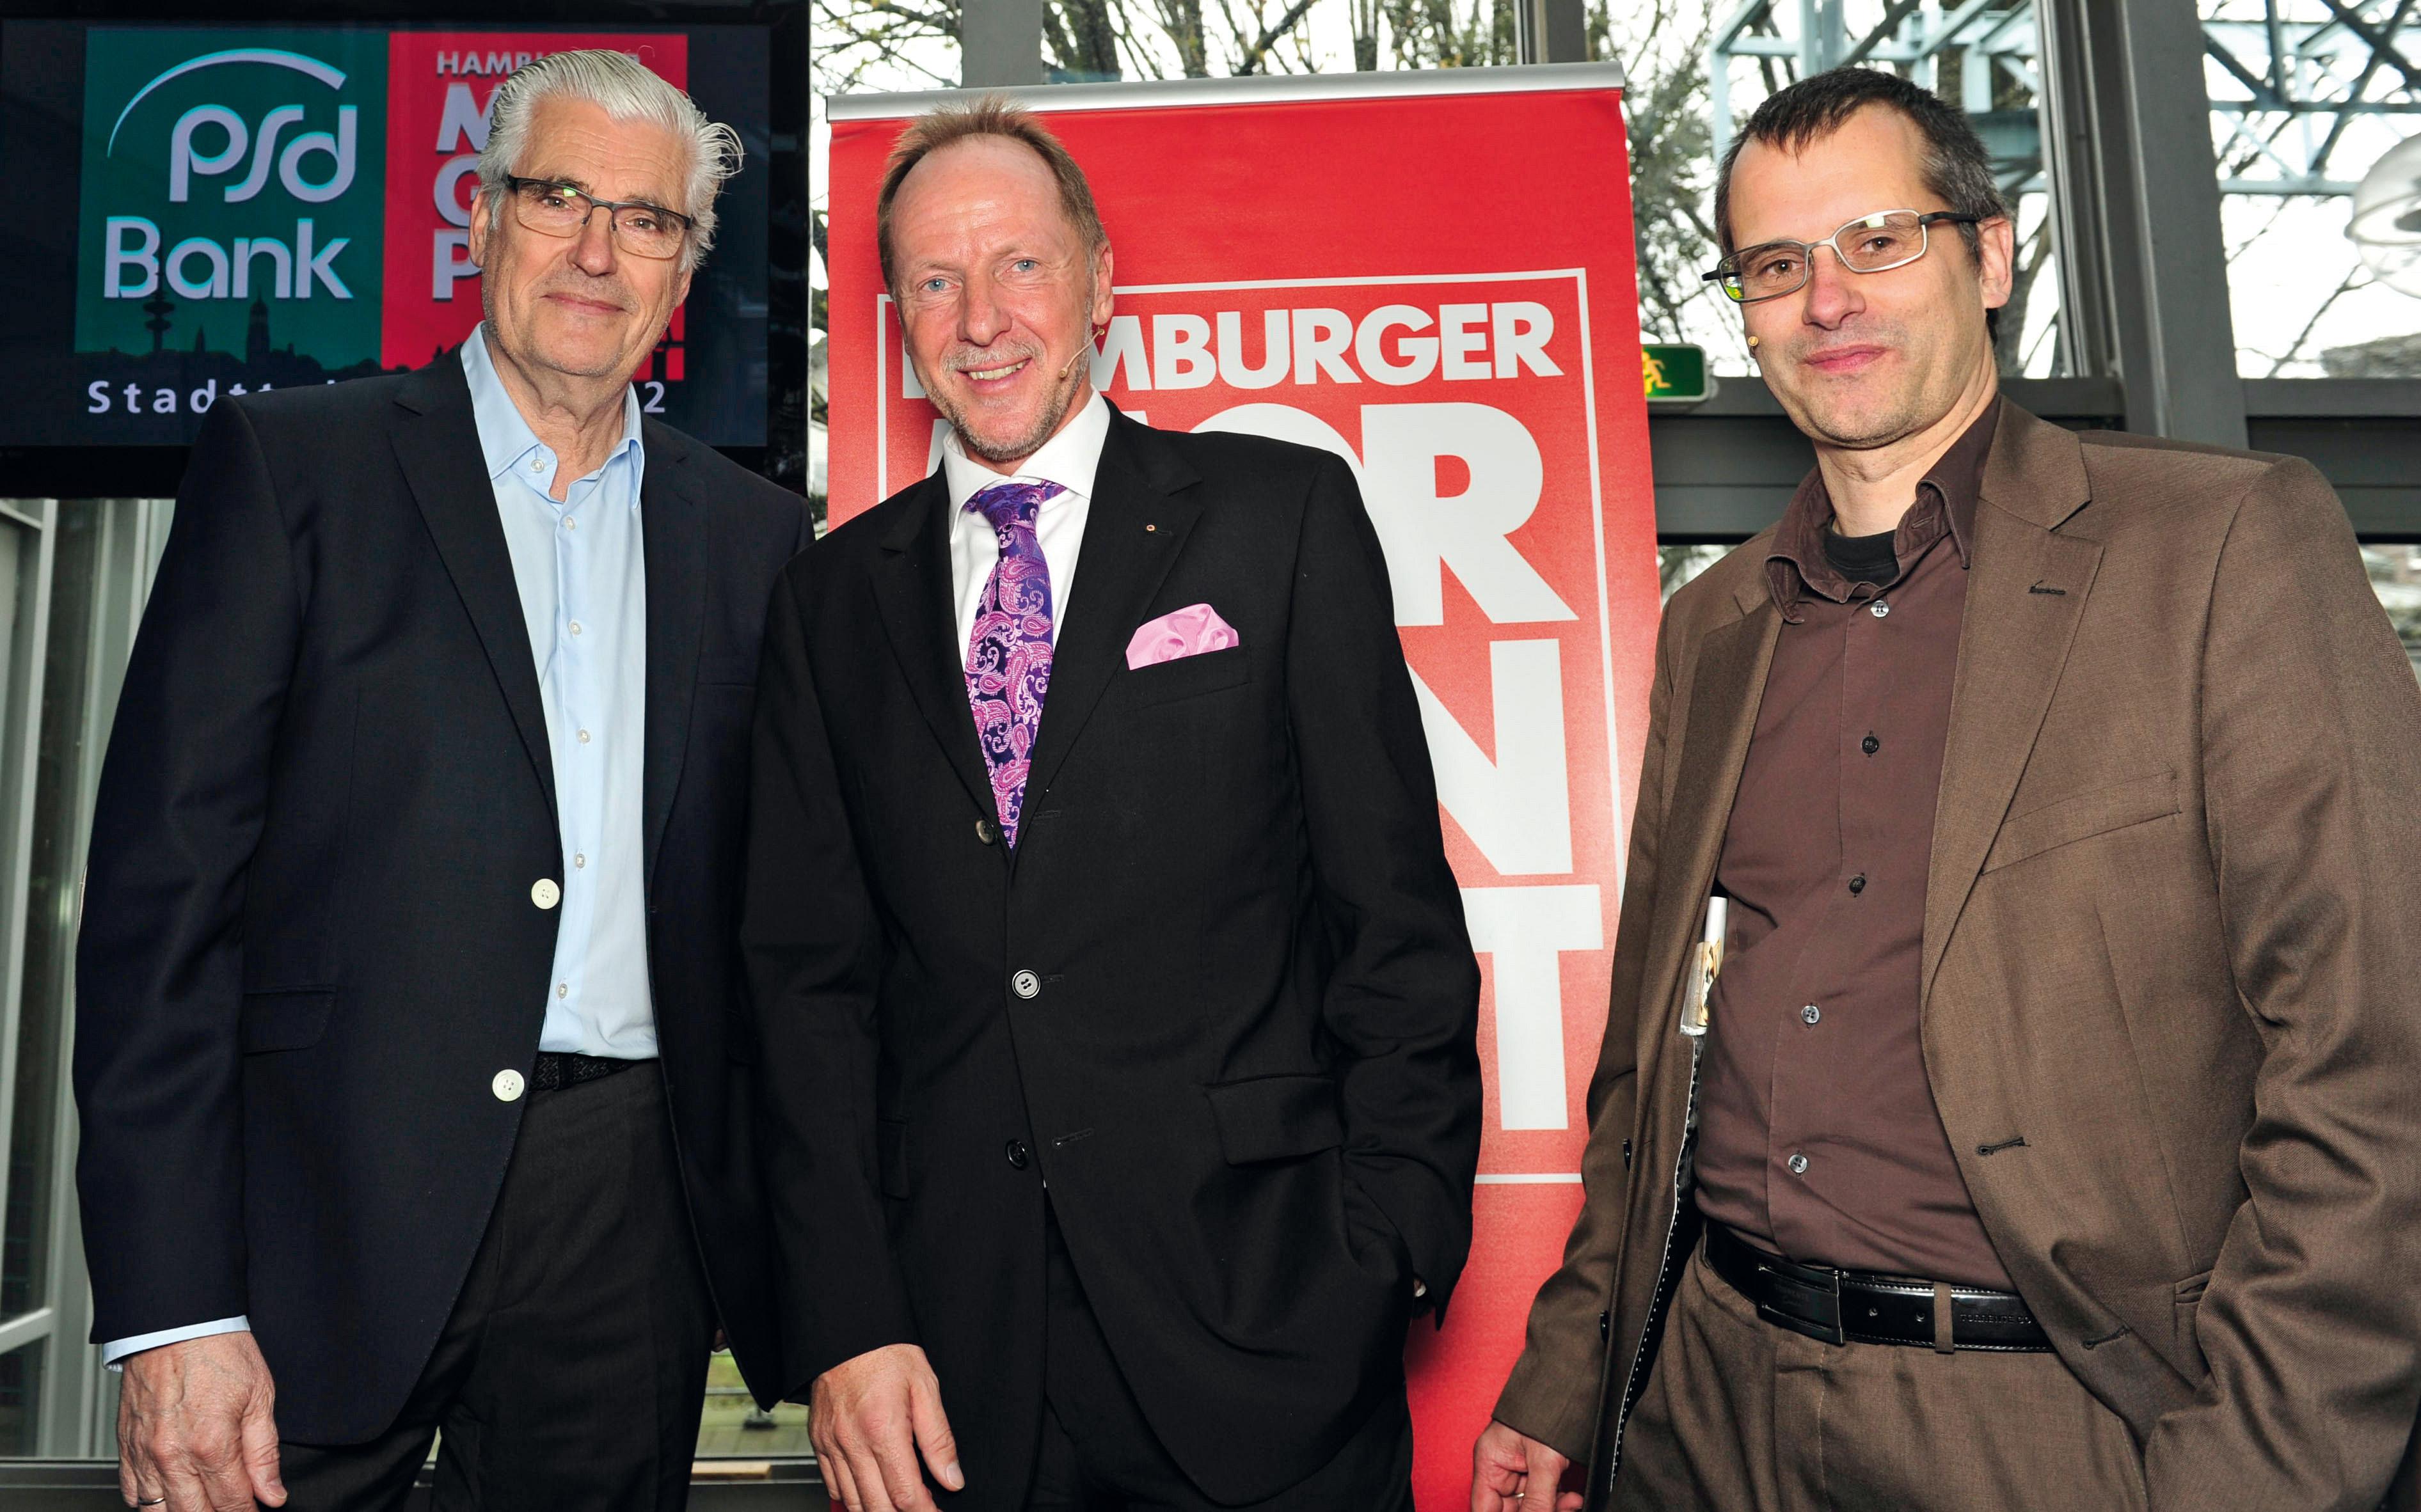 Schaupieler Sky Du Mont, Dieter Jurgeit und Frank Wieding Hamburger Morgenpost